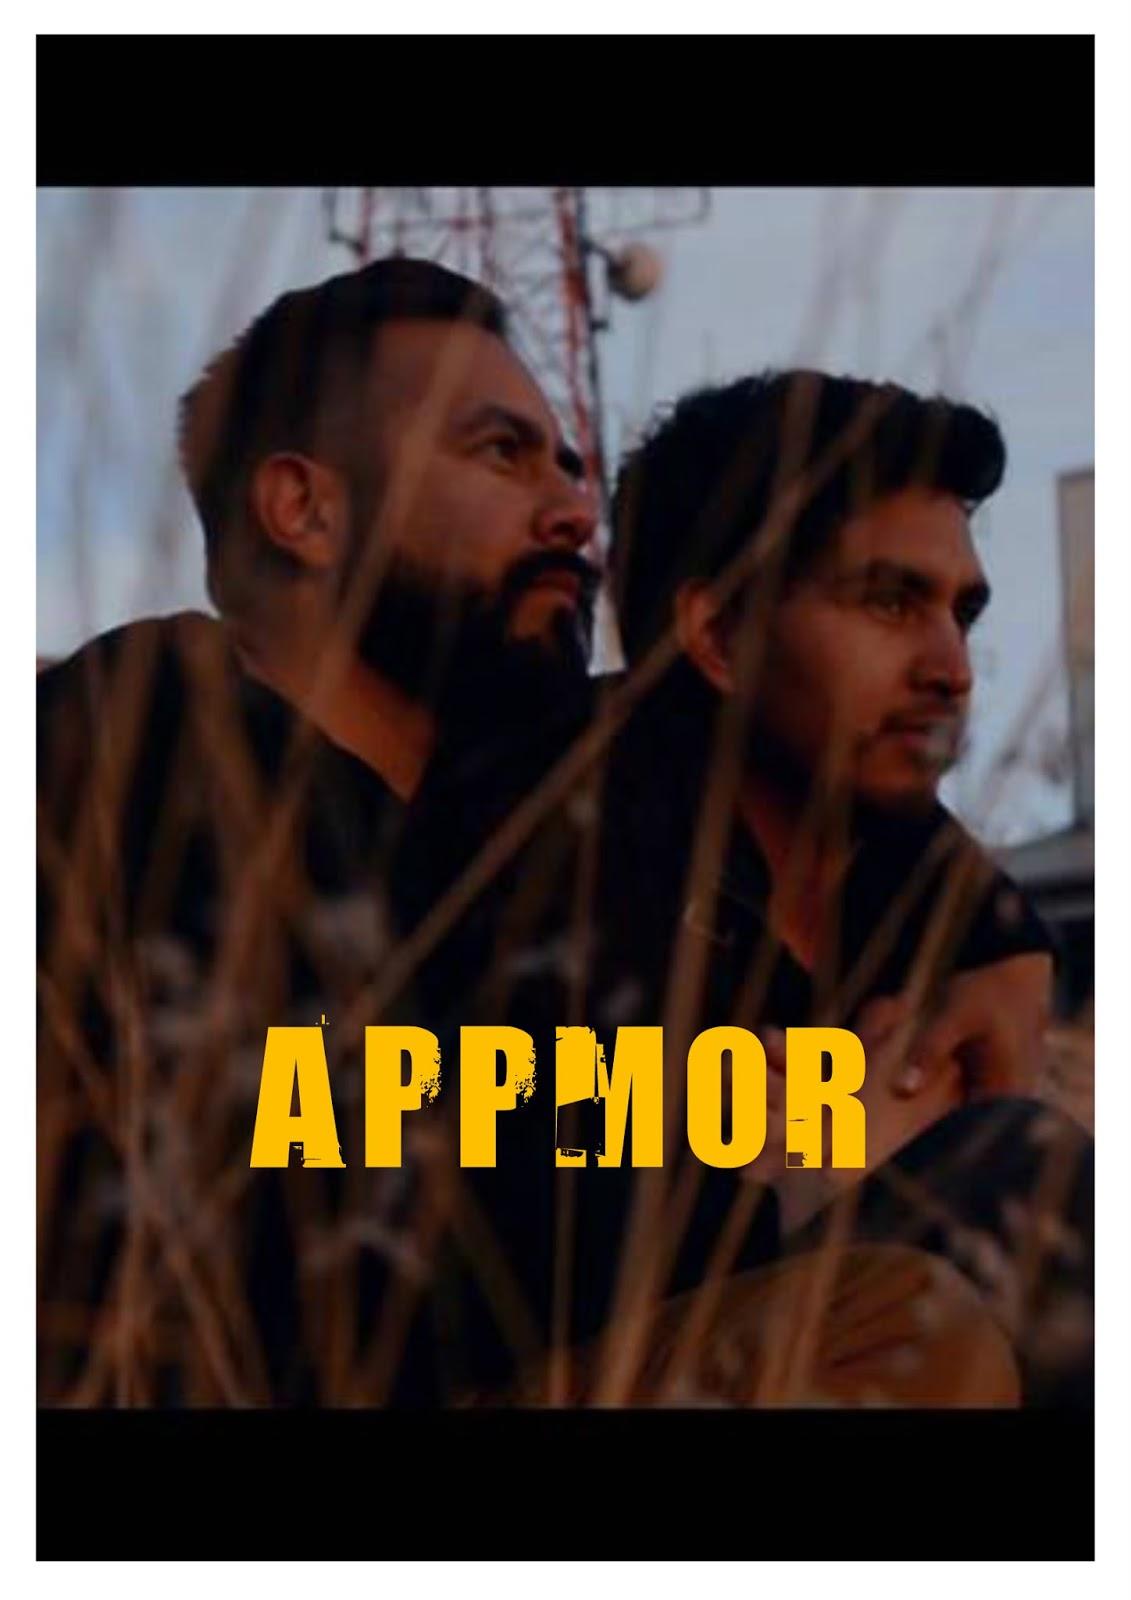 Appmor